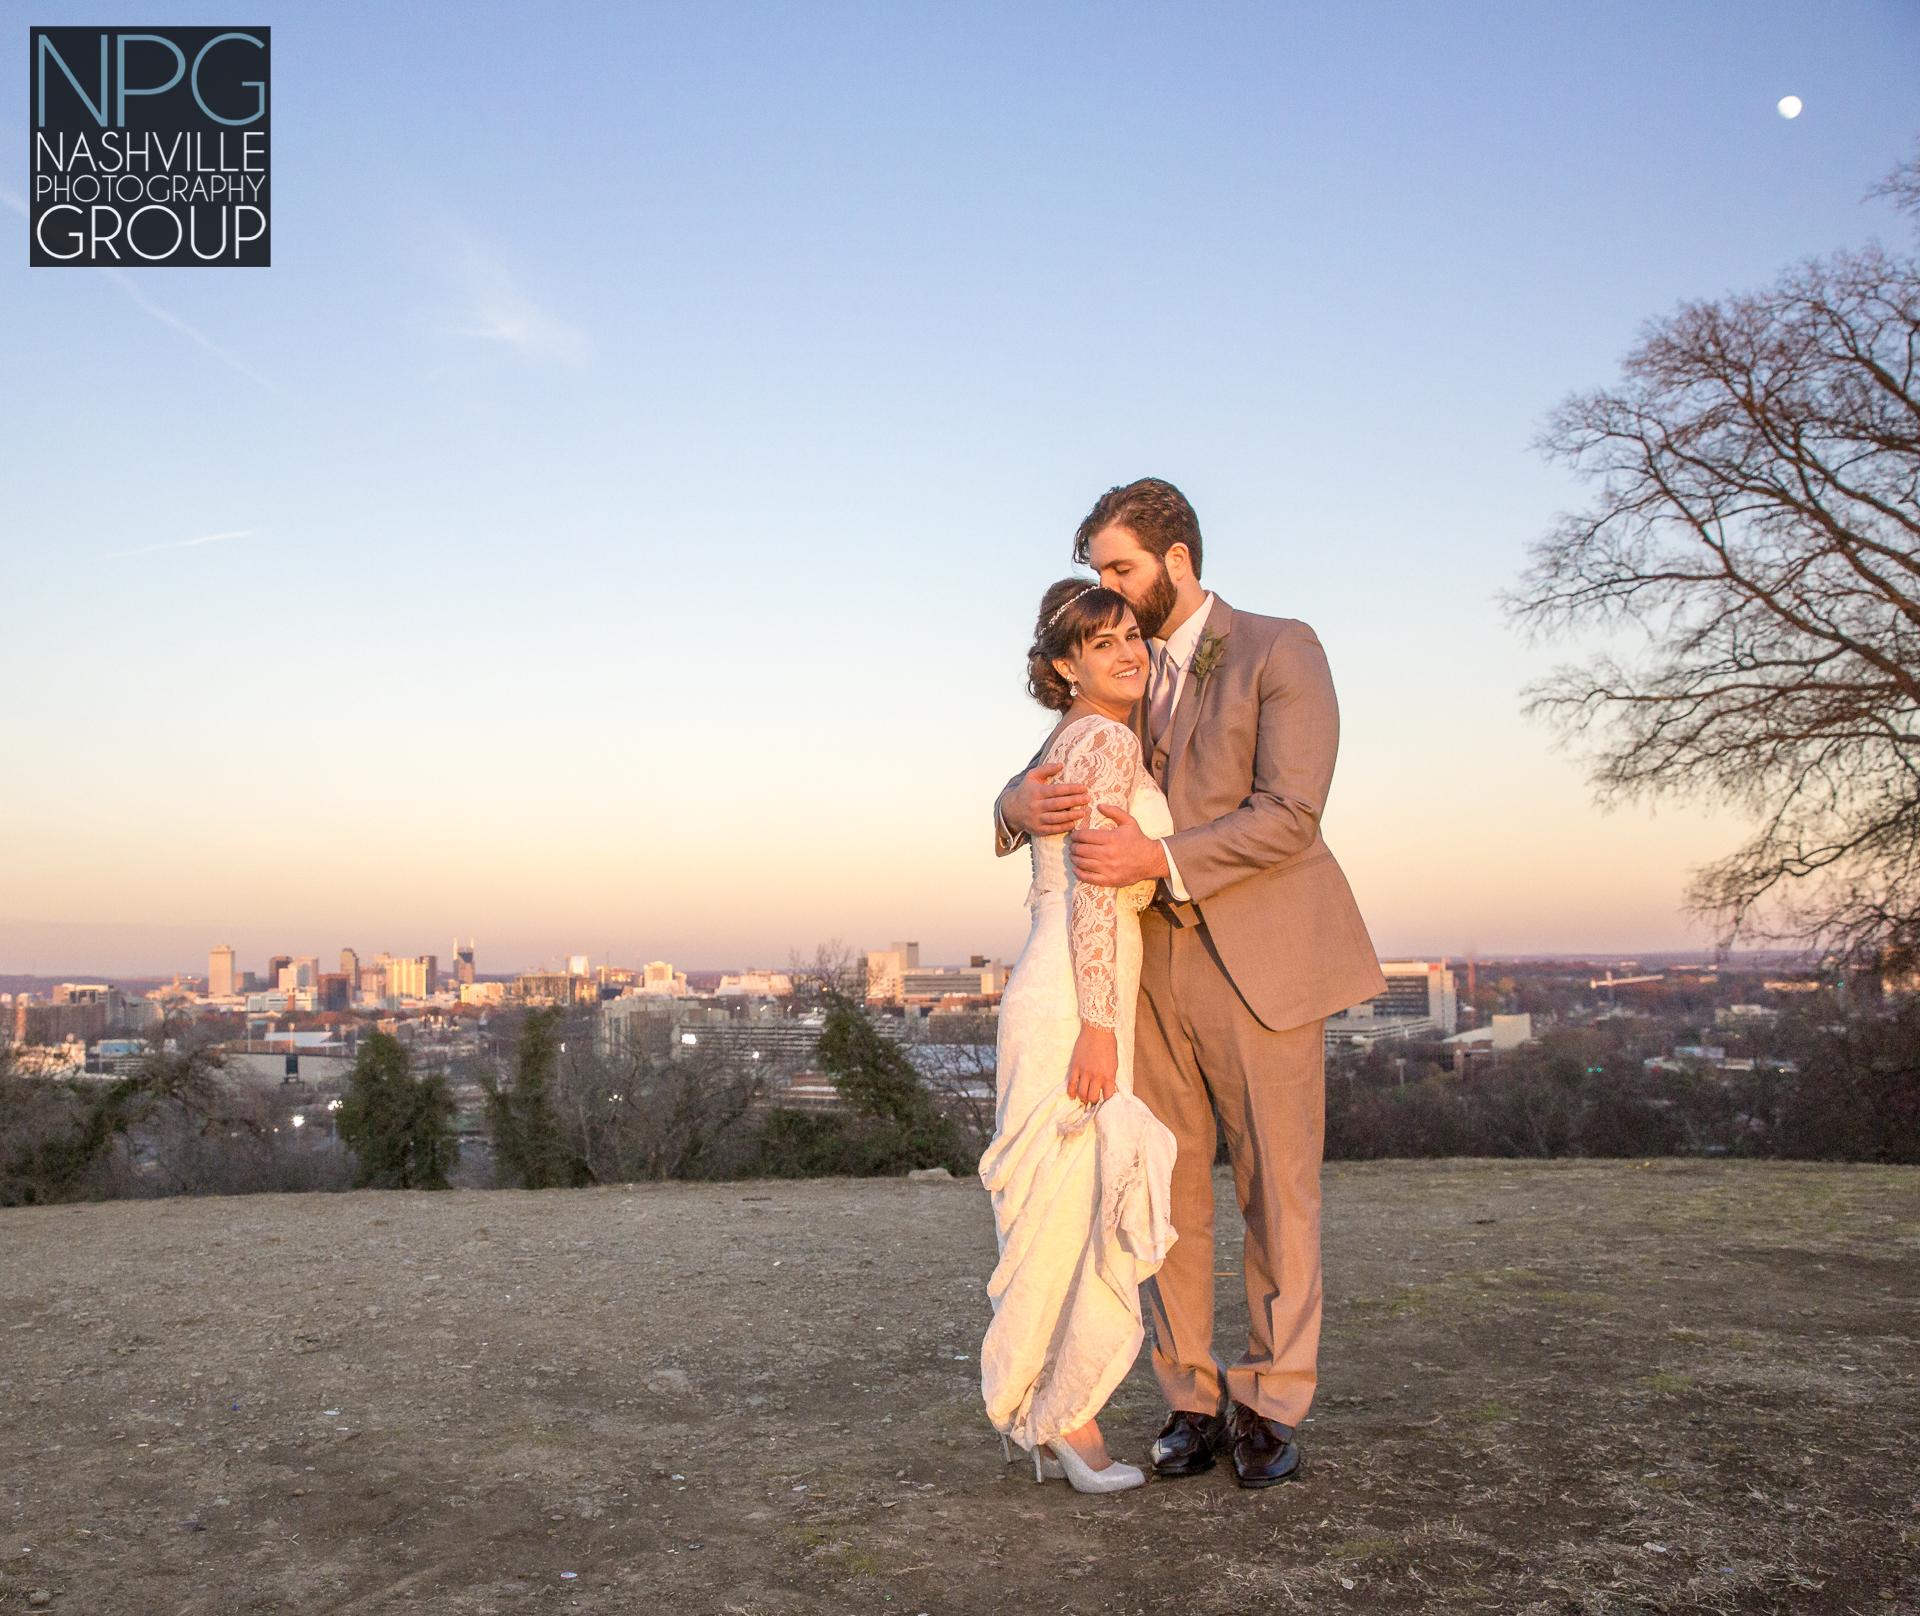 Nashville Photography Group wedding photographers-4-2.jpg